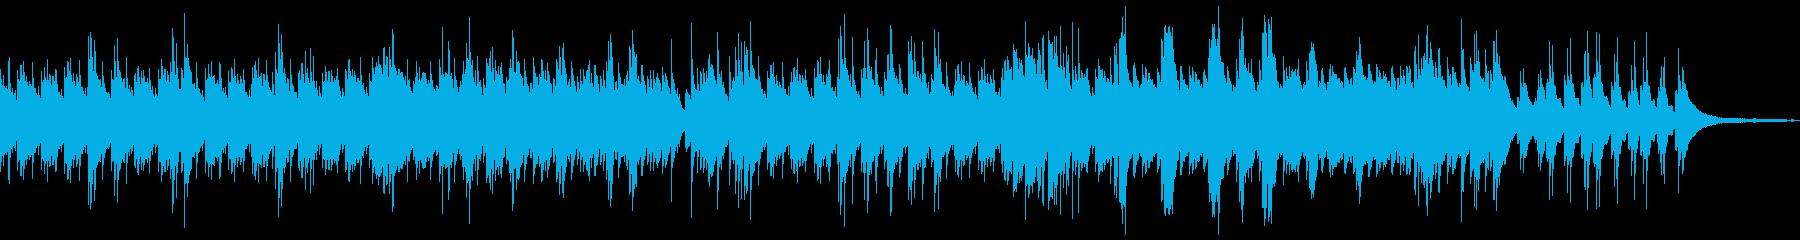 流れるソロピアノトラックは、壮大な...の再生済みの波形